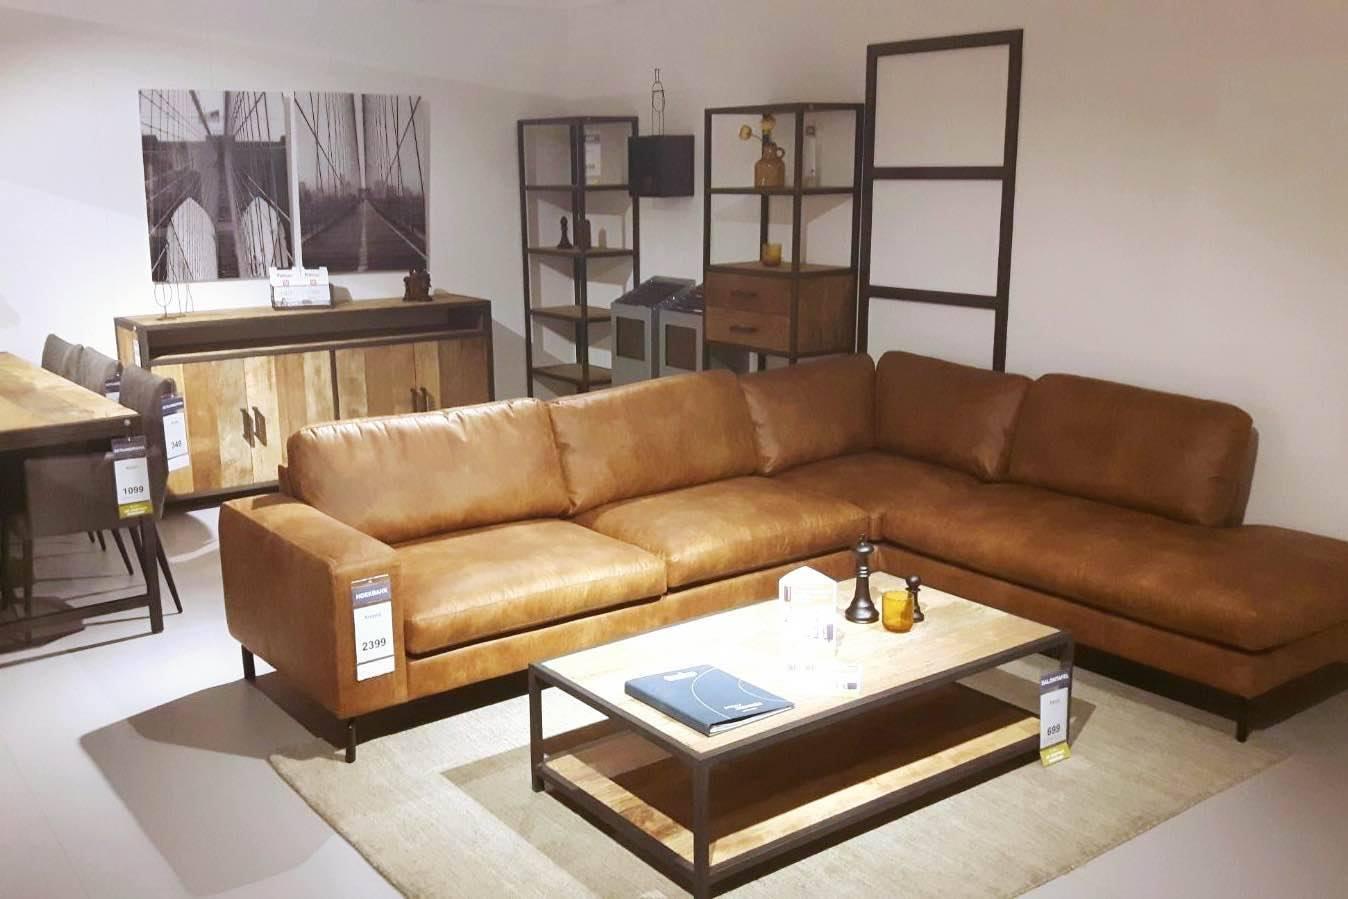 Bankstellen Sanders Meubelstad : Sanders meubelstad banken. excellent interieur sanders meubelstad